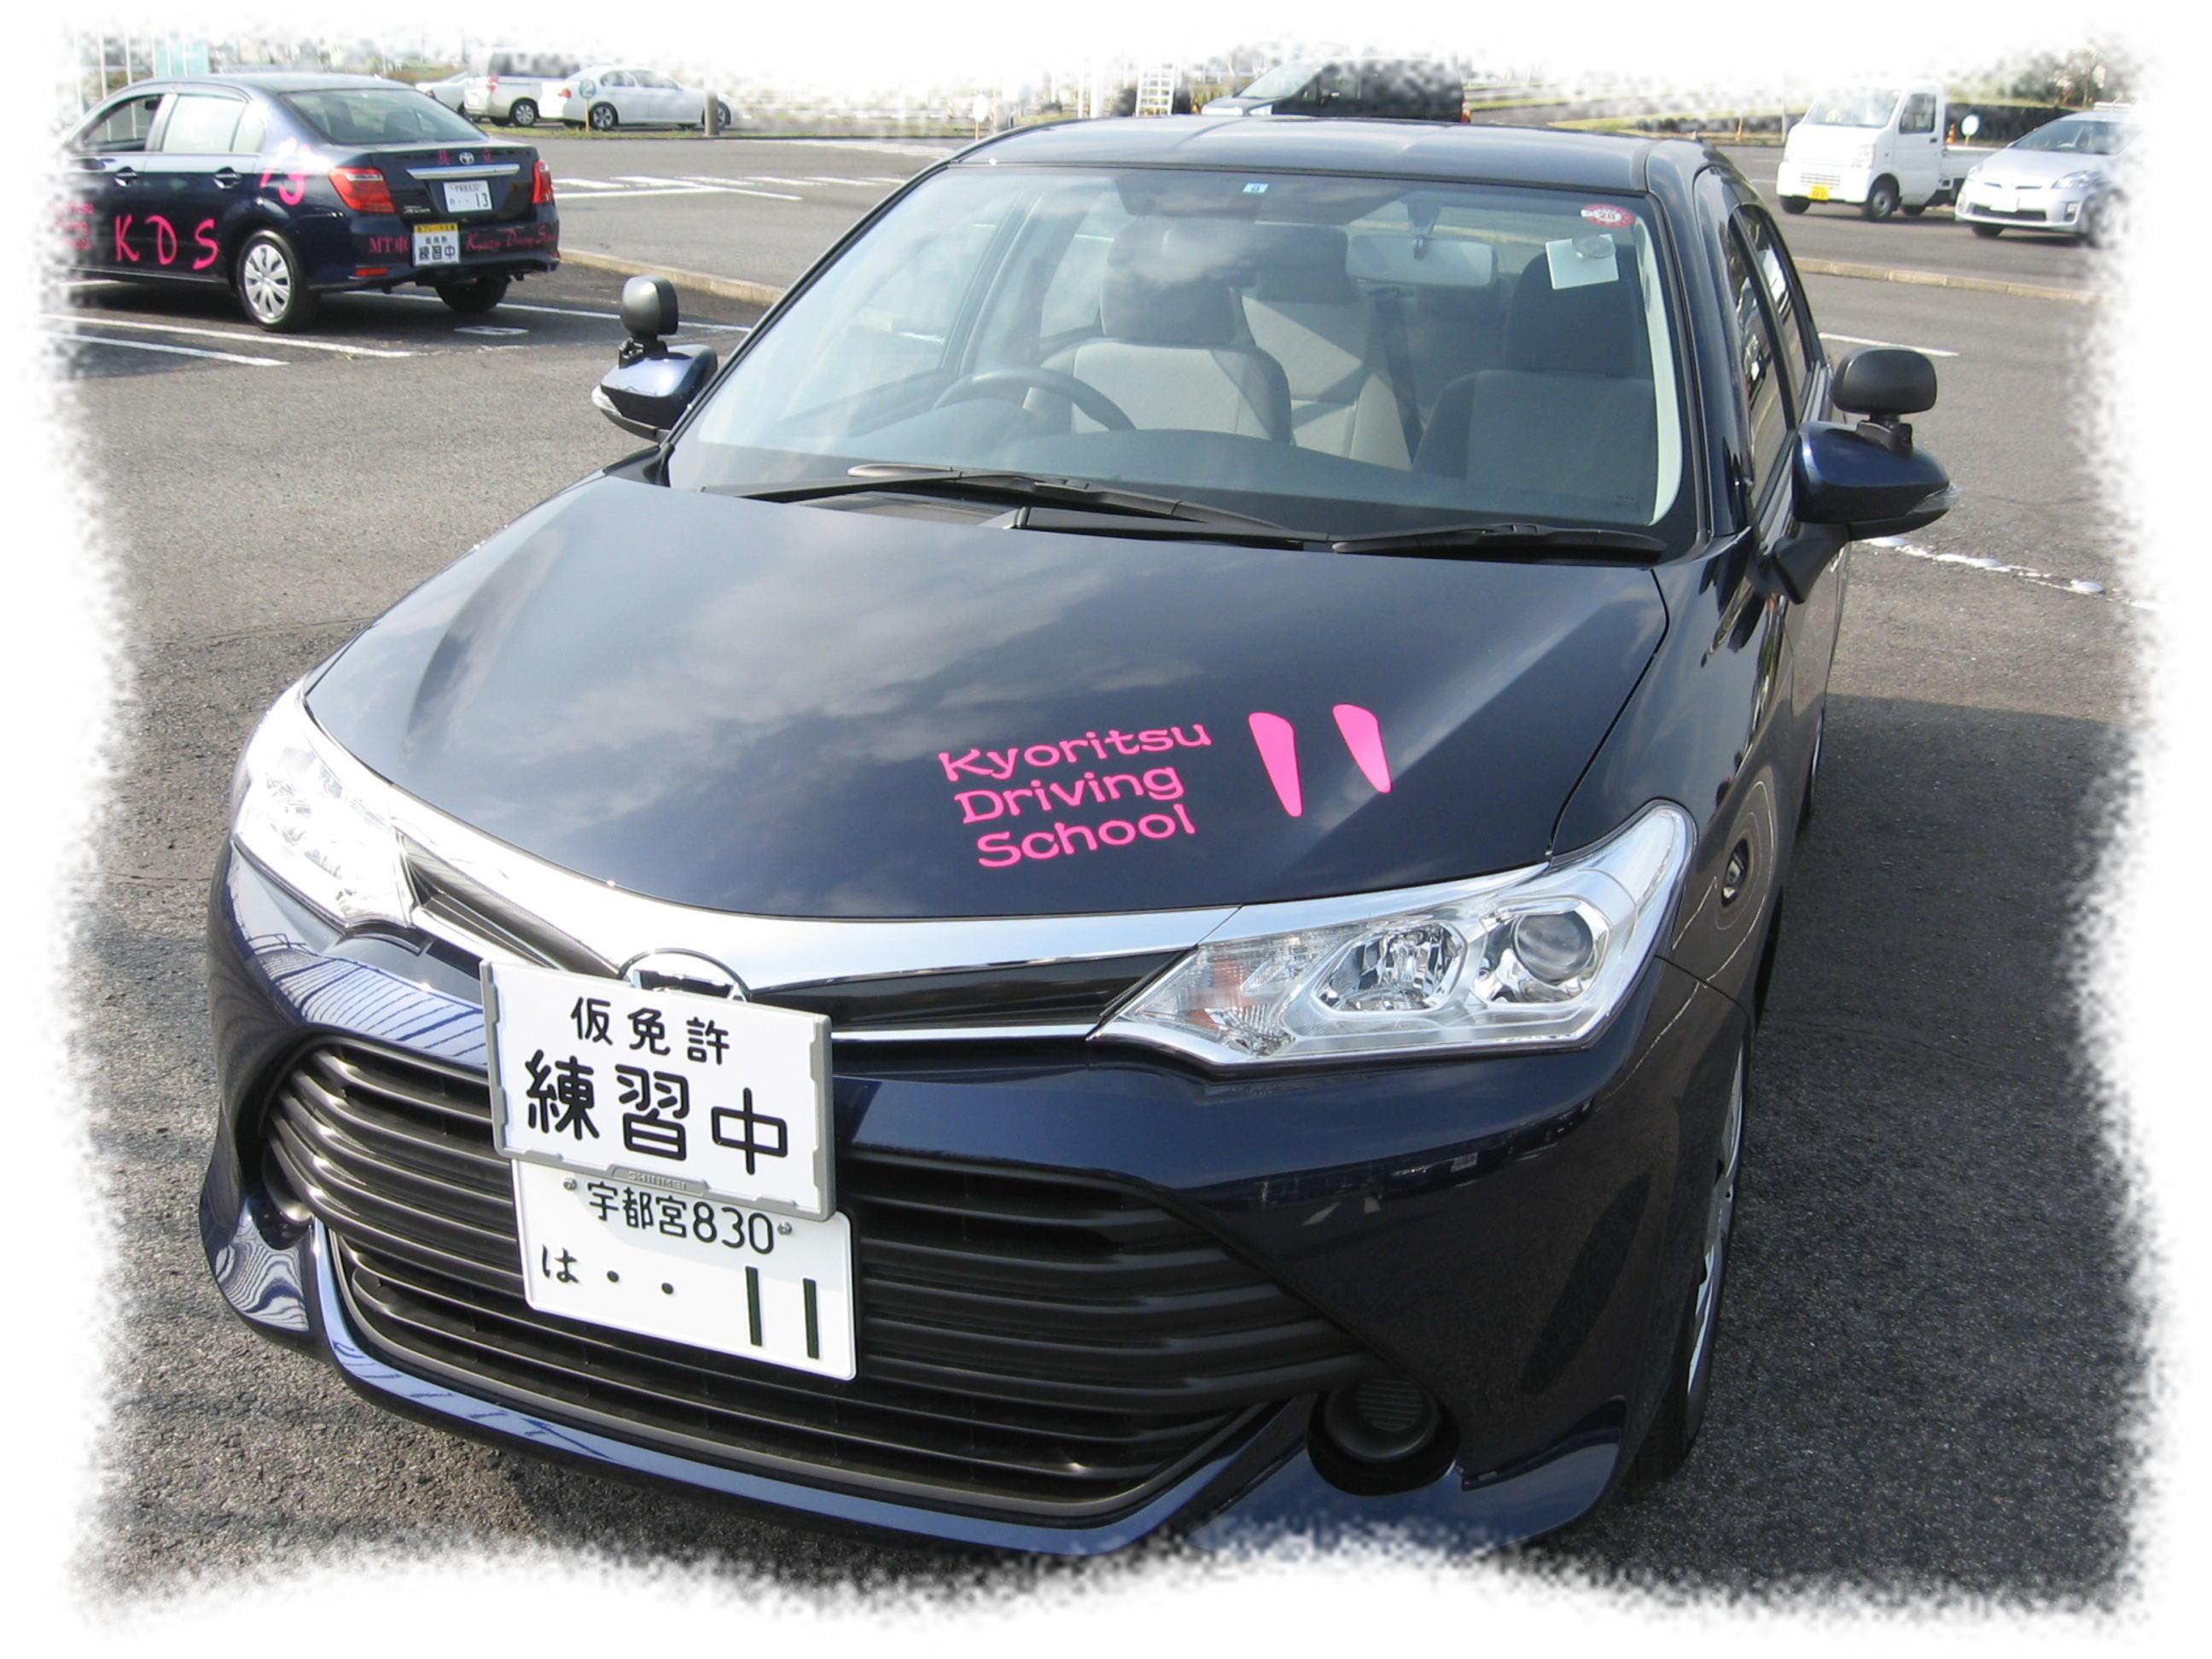 栃木県西那須野自動車学校 親切丁寧な受付・教習をモットーに、無料送迎もご好評頂いております。